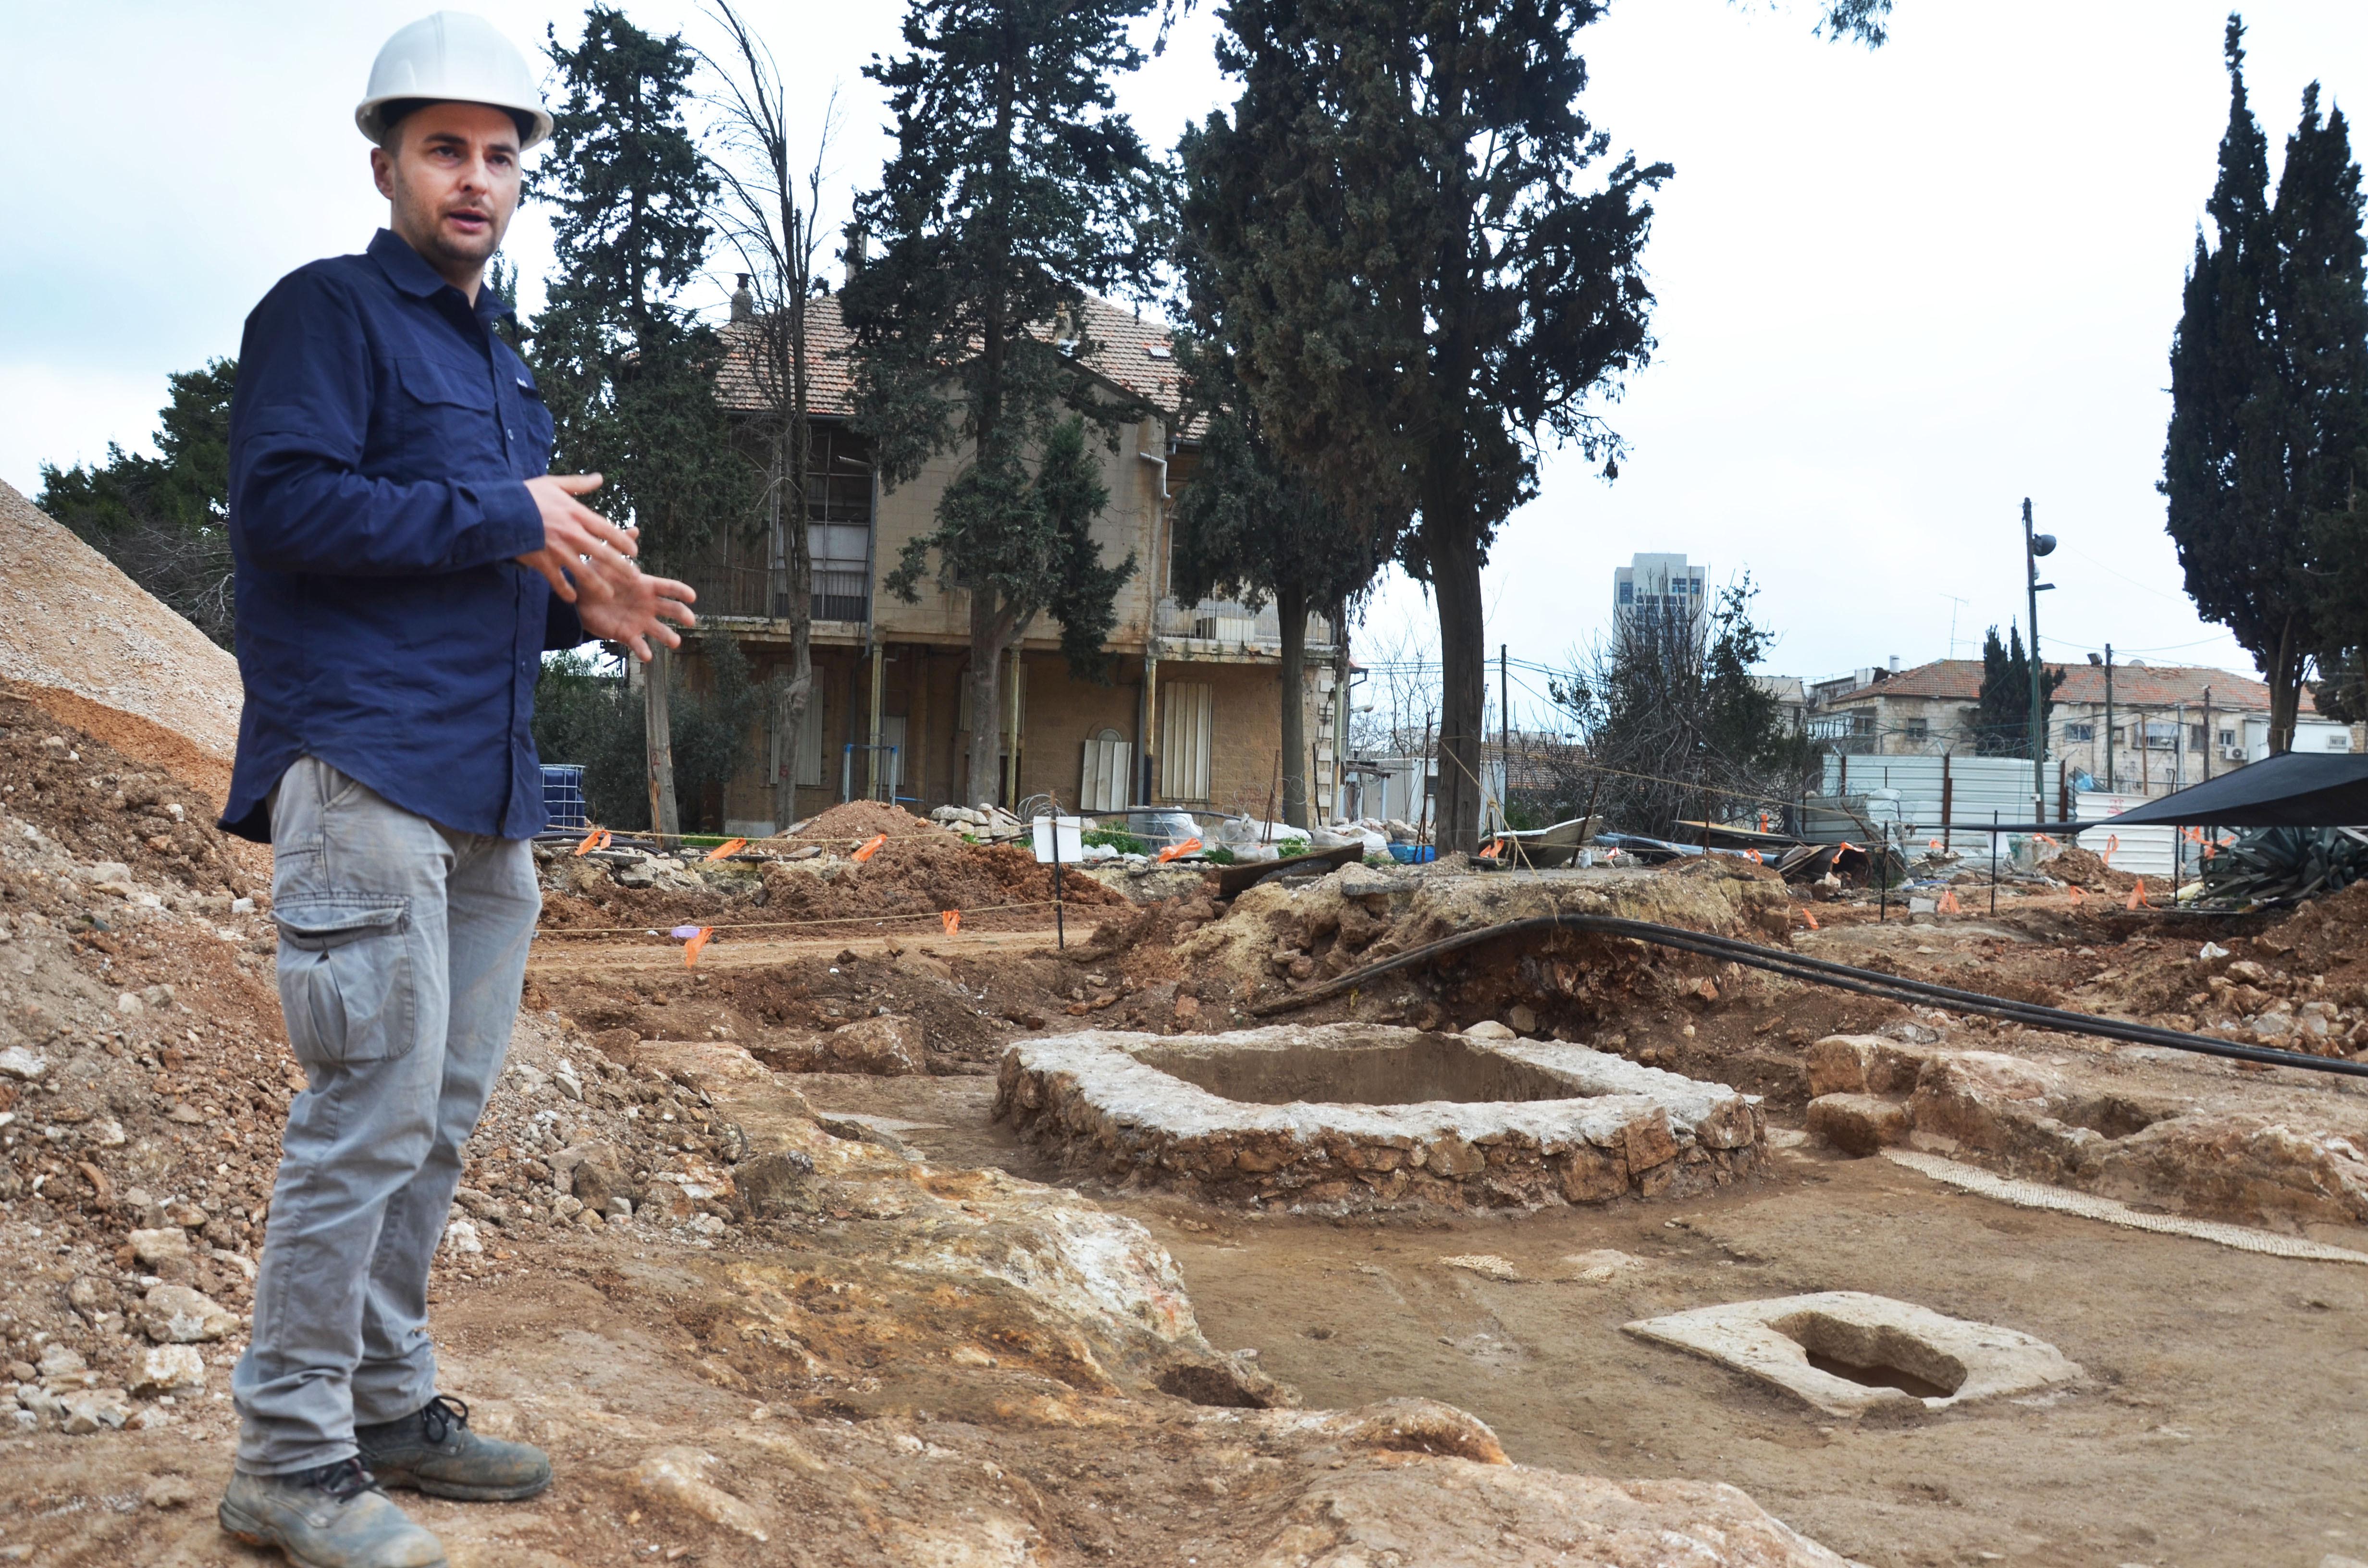 . מנהל החפירה, אלכס ויגמן, לצד בית הגתות המשוכלל. יתכן שהפיקו בו יין בטעמים. צילום: באדיבות רשות העתיקות